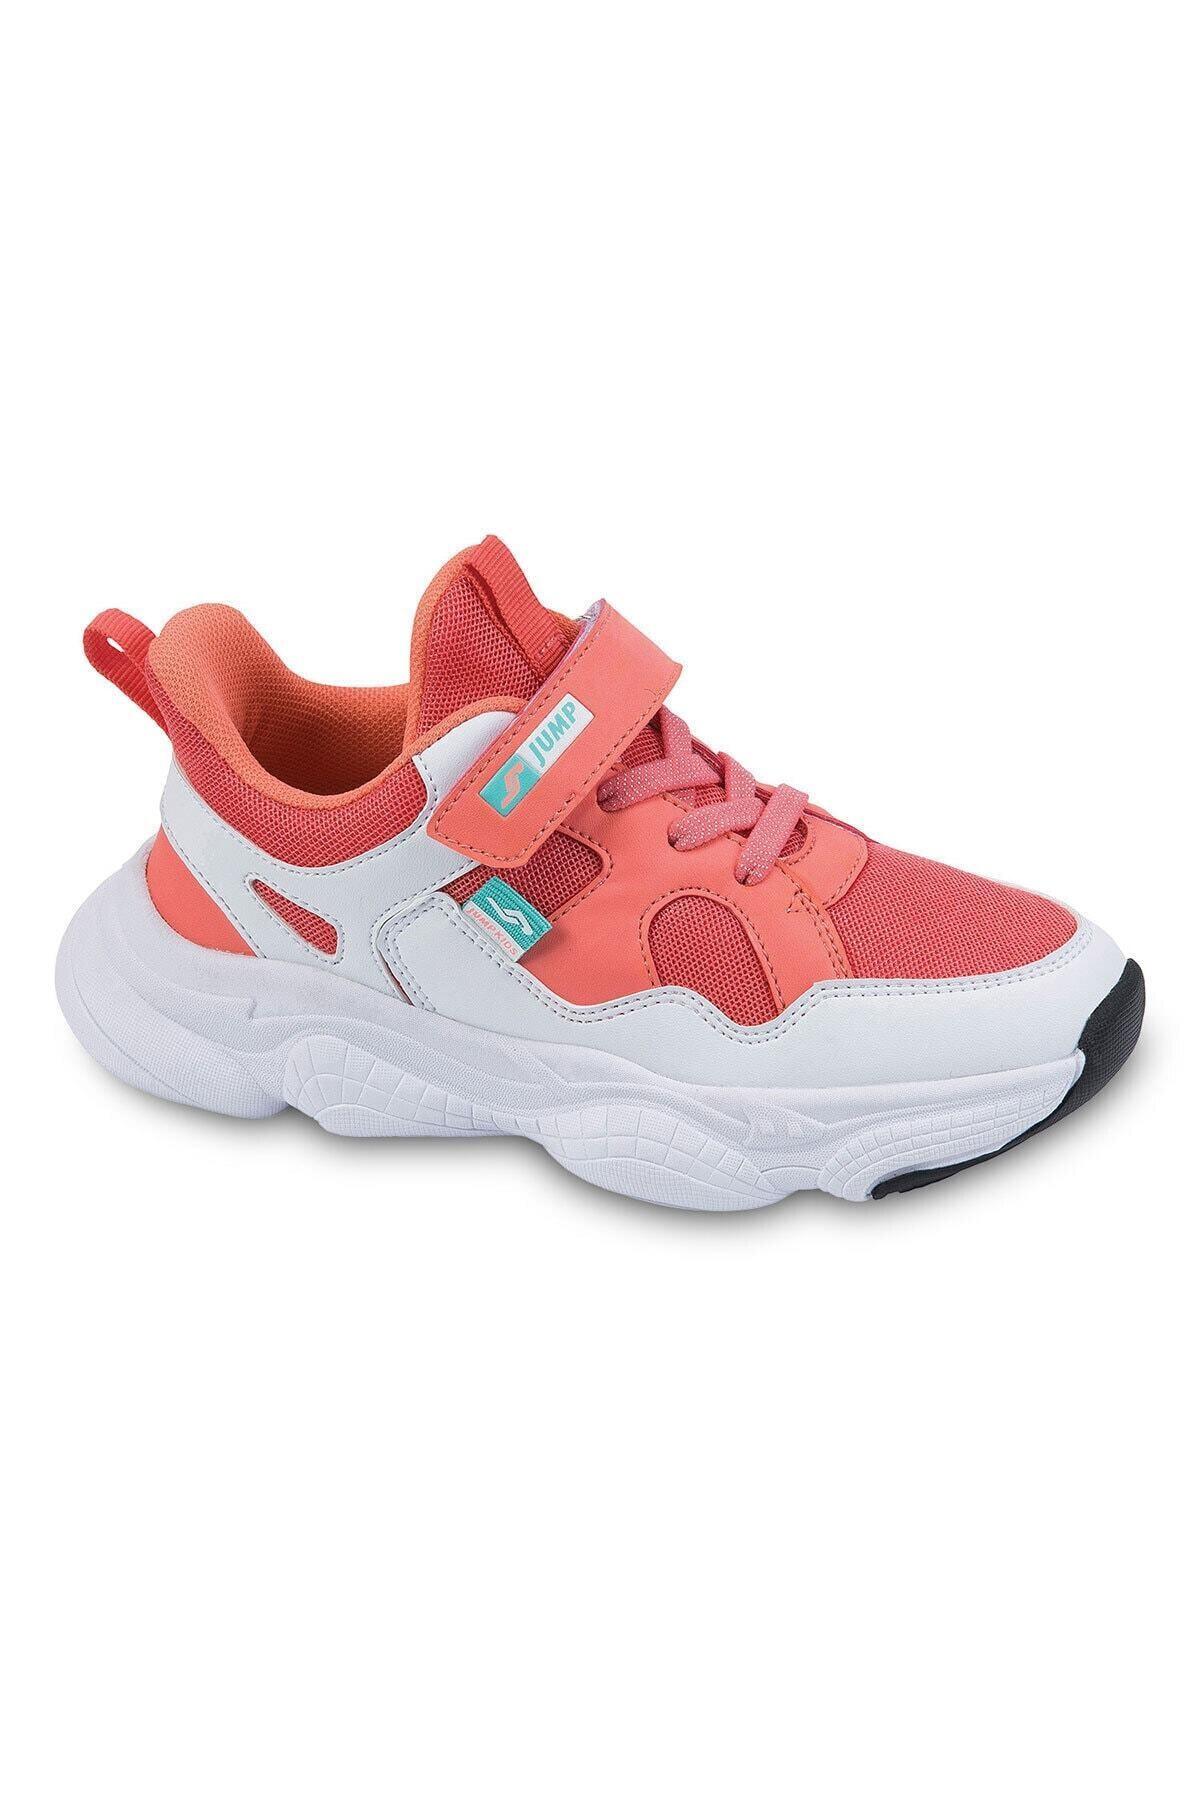 Jump Kız Çocuk Pembe Spor Ayakkabı 24922 2